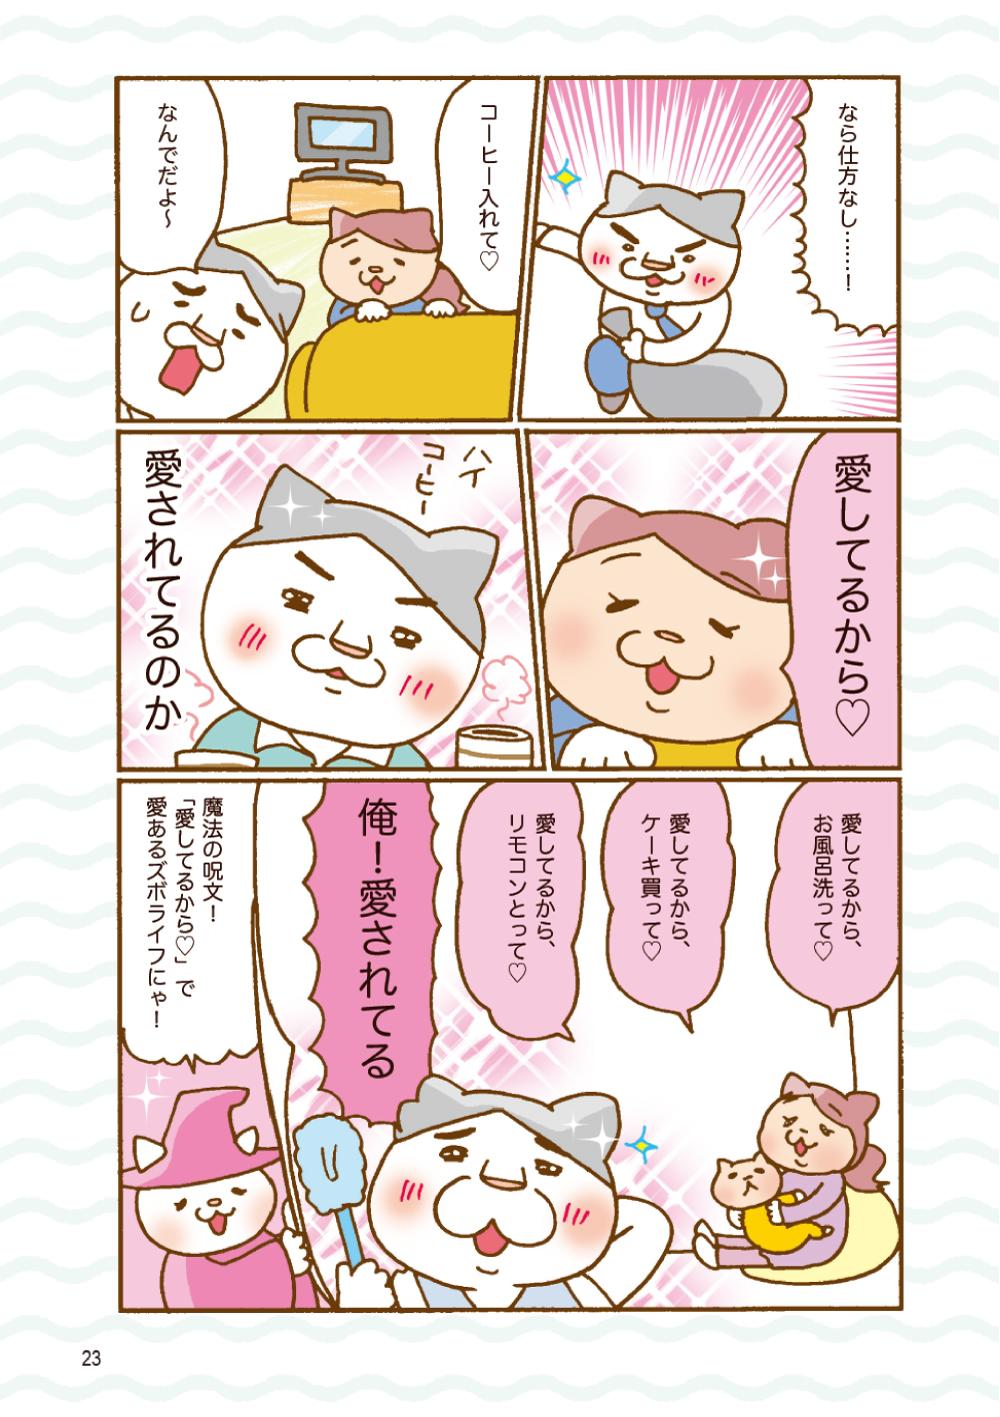 【家事】あな吉さんの家事をやめても愛されるズボラ主婦革命の画像11